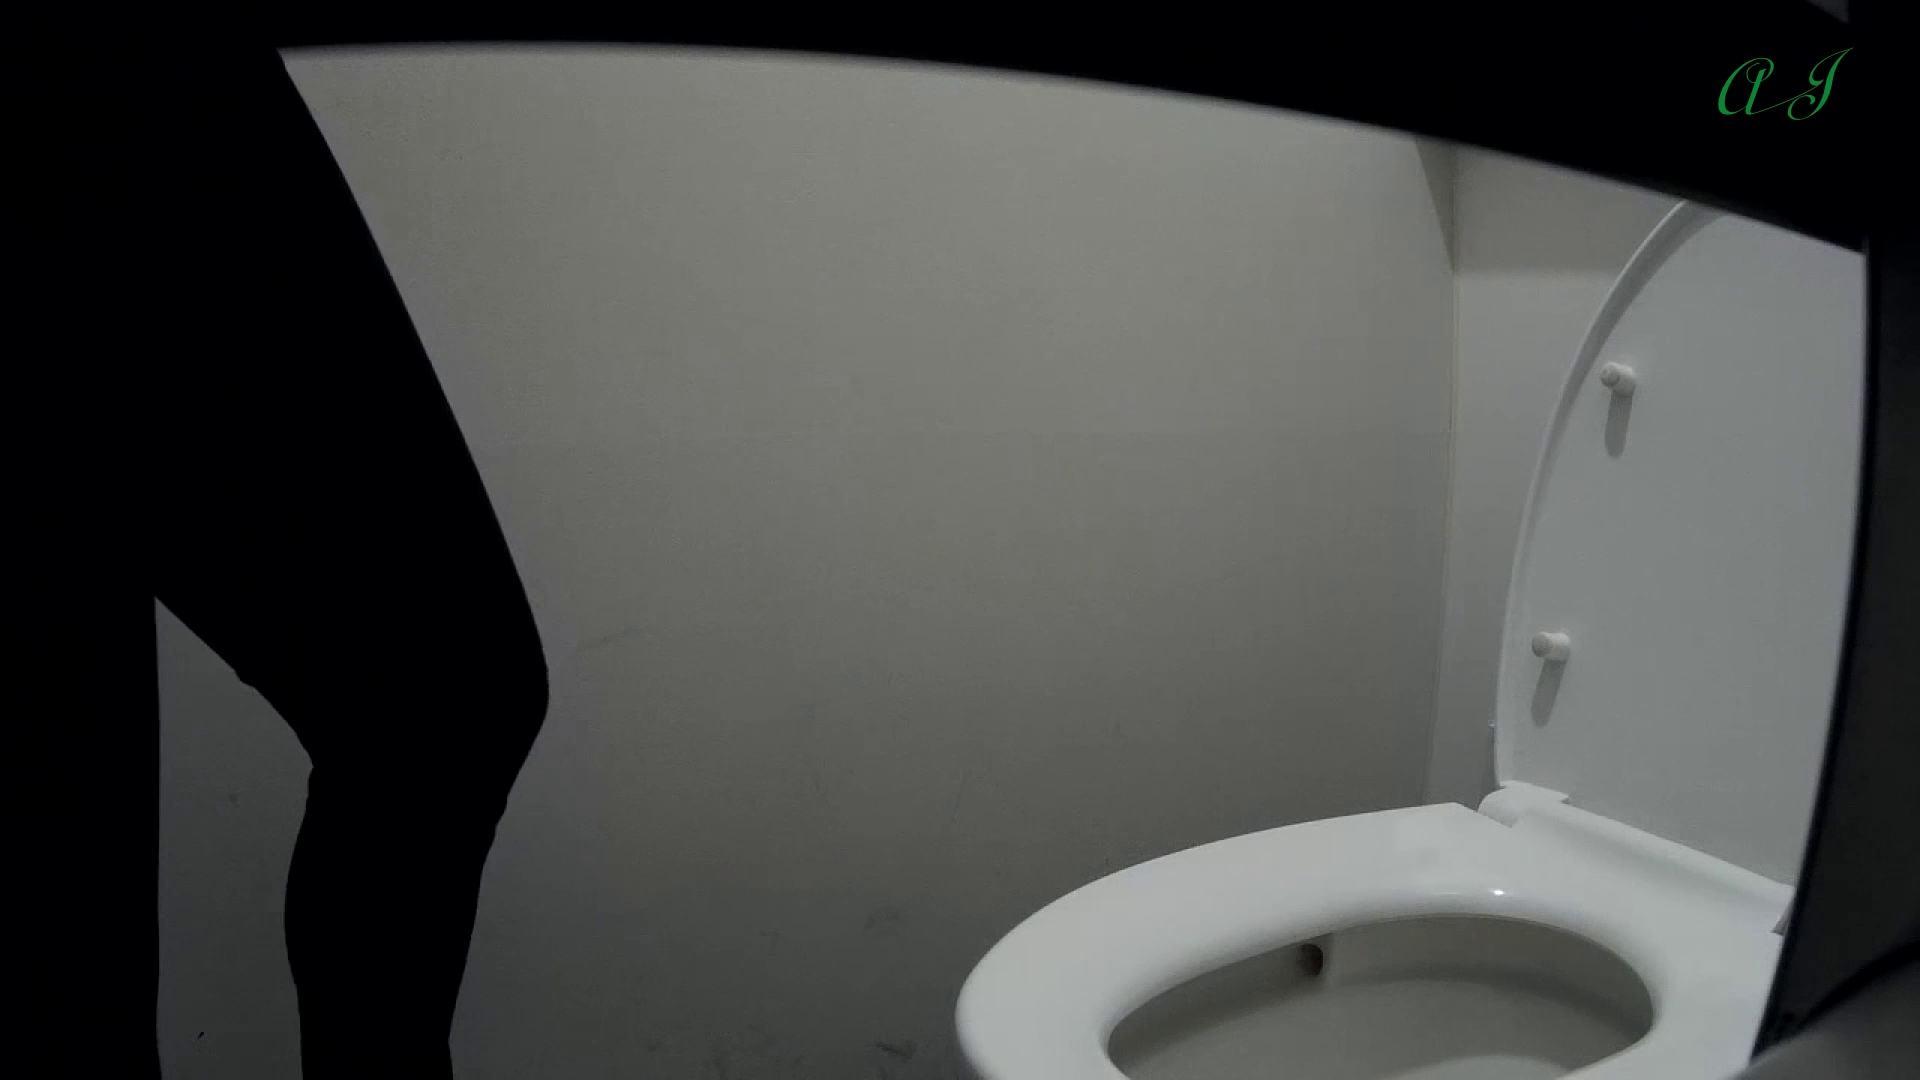 ▲2017_29位▲ 【35位 2016】有名大学女性洗面所 vol.63 OL | 洗面所着替え  85連発 30